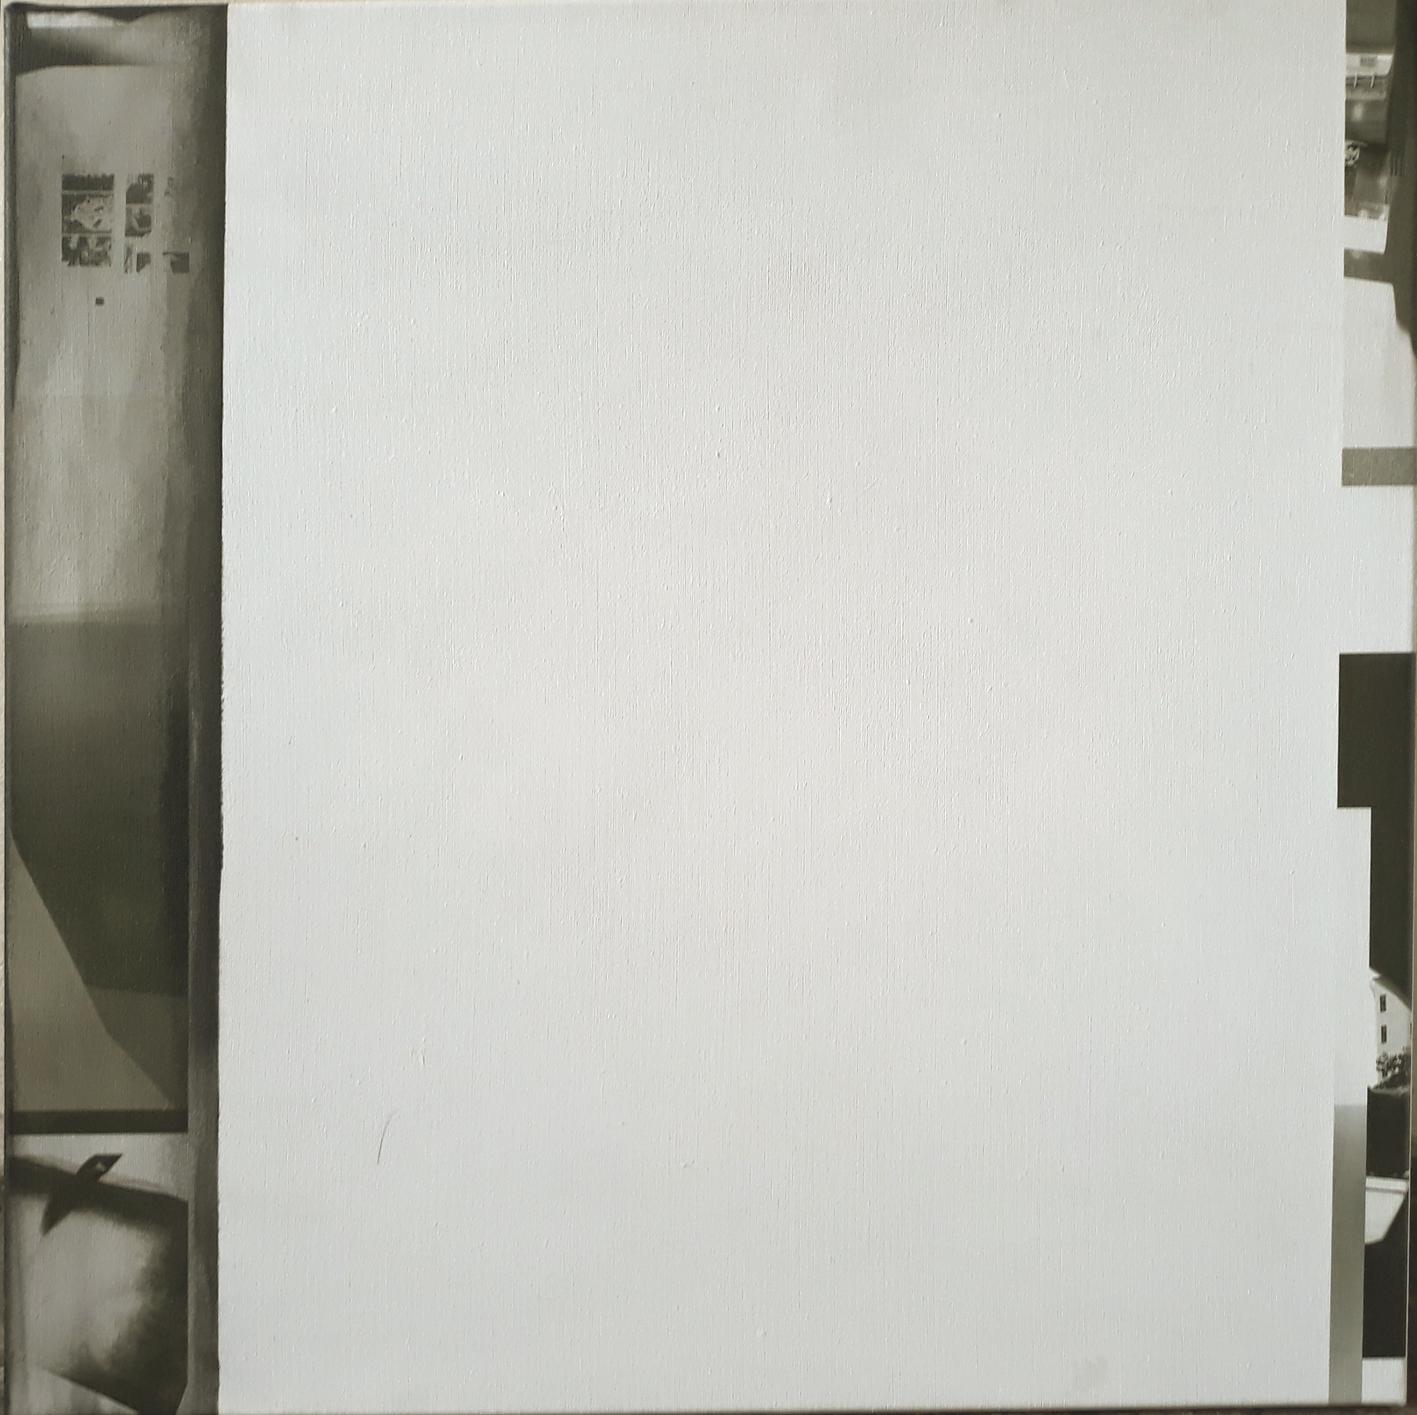 als erster: Gerhard Kaiser mit Drucktechnik